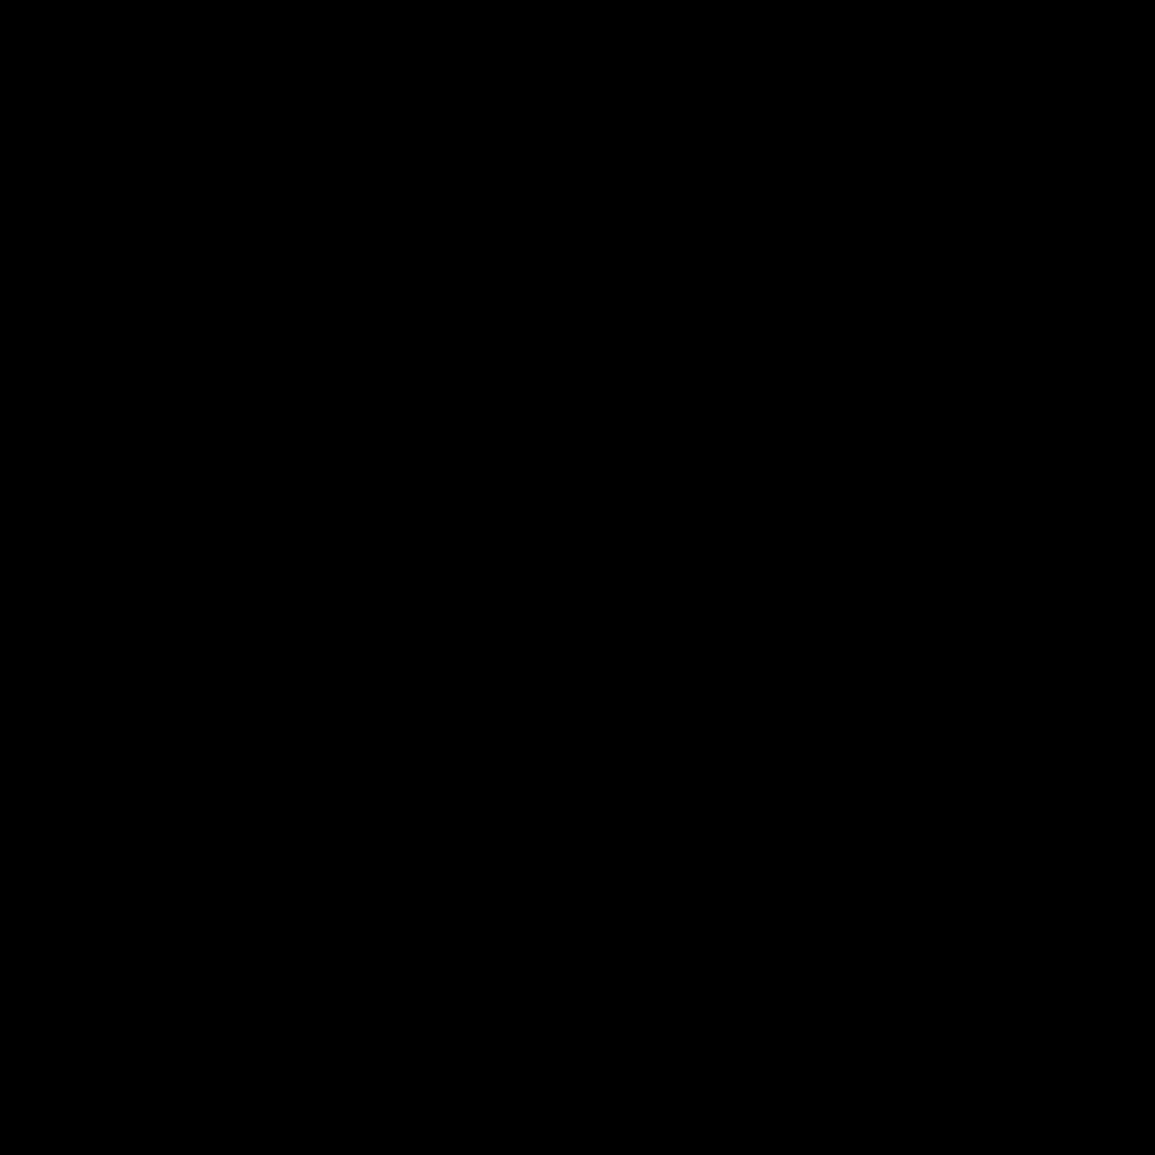 艶 M 小かな MTU-KS 字形見本